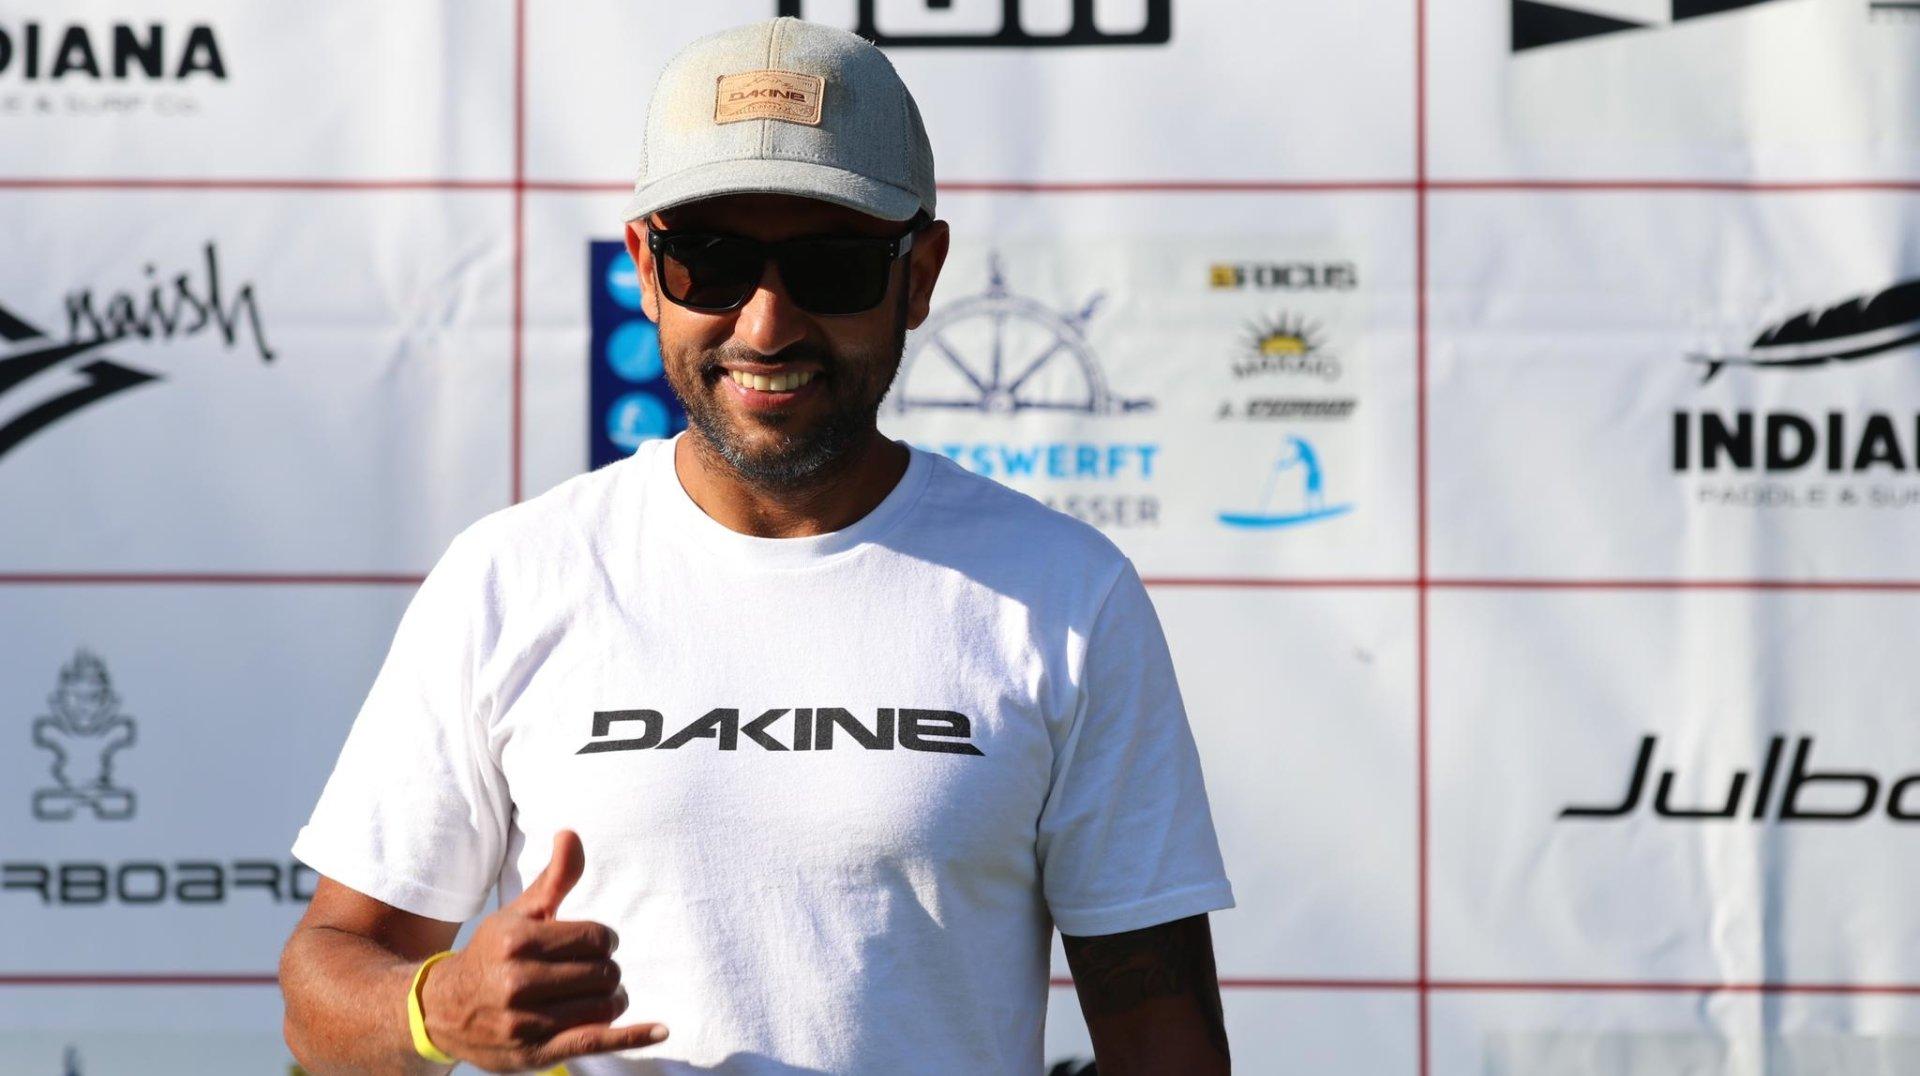 Hicham Laïmina au terme de l'une des courses des championnats de Suisse de paddle.